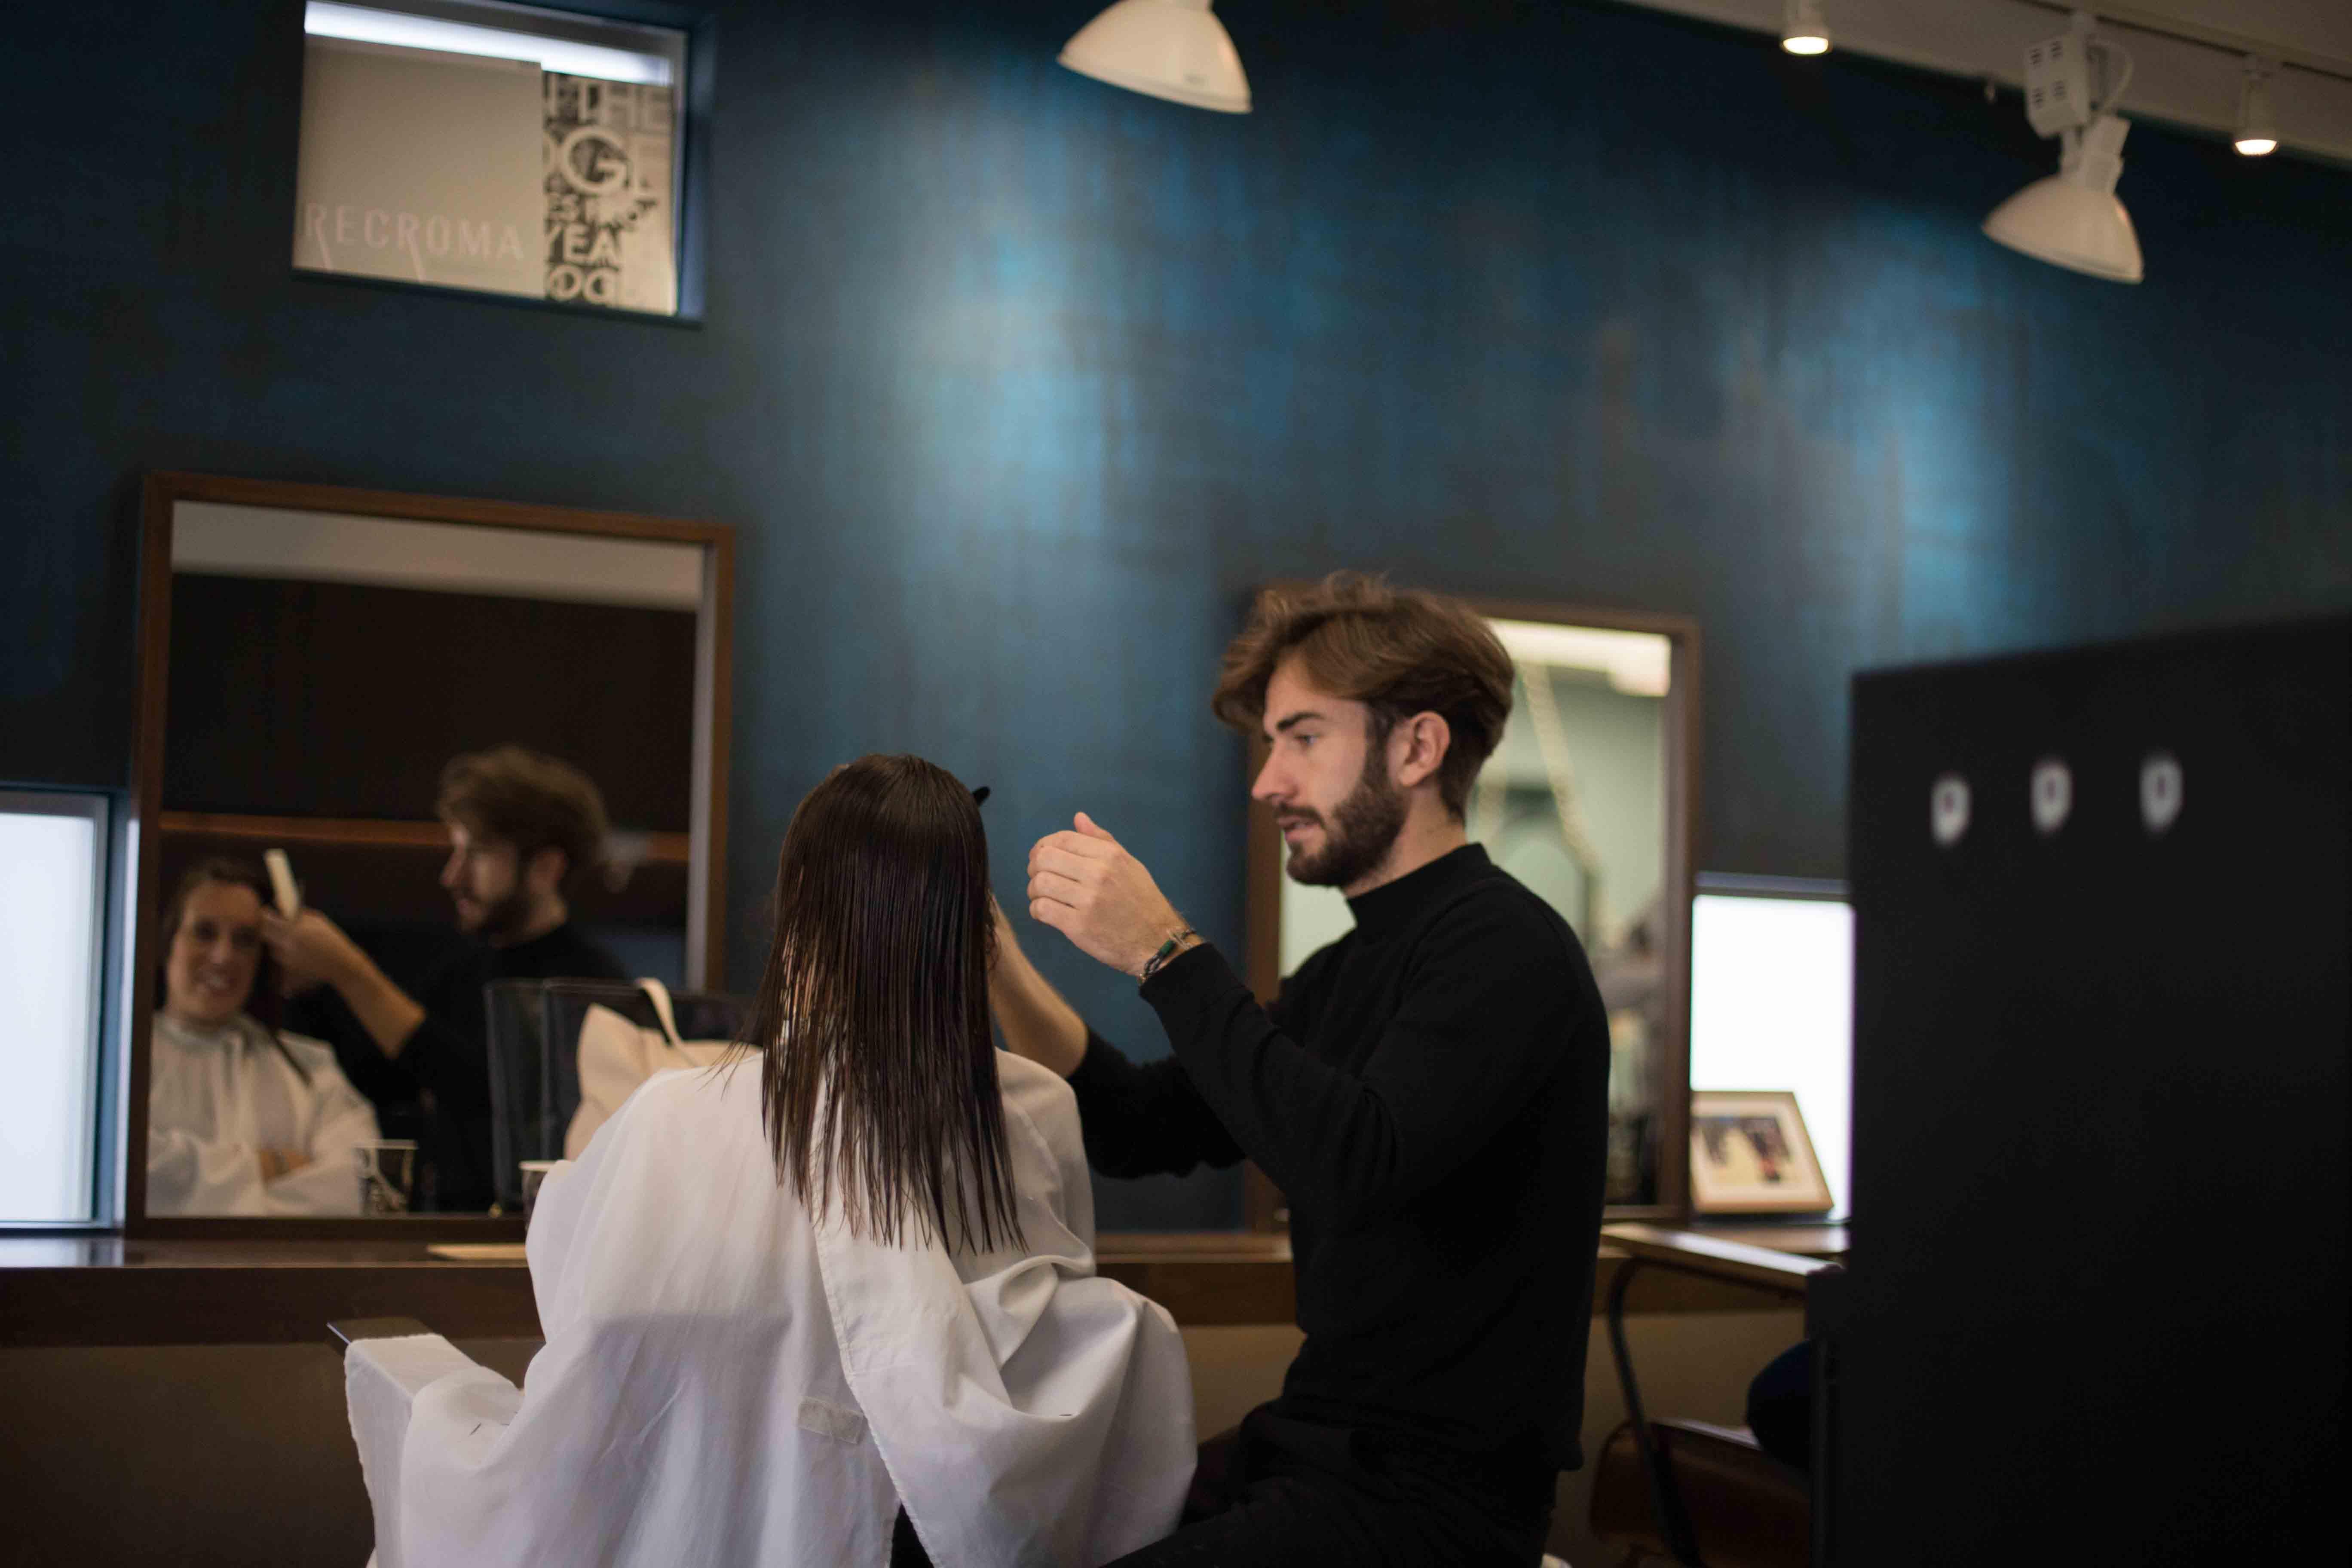 埼玉 所沢 小手指 フランス 海外就職 美容師 ママ美容師 転職 就職